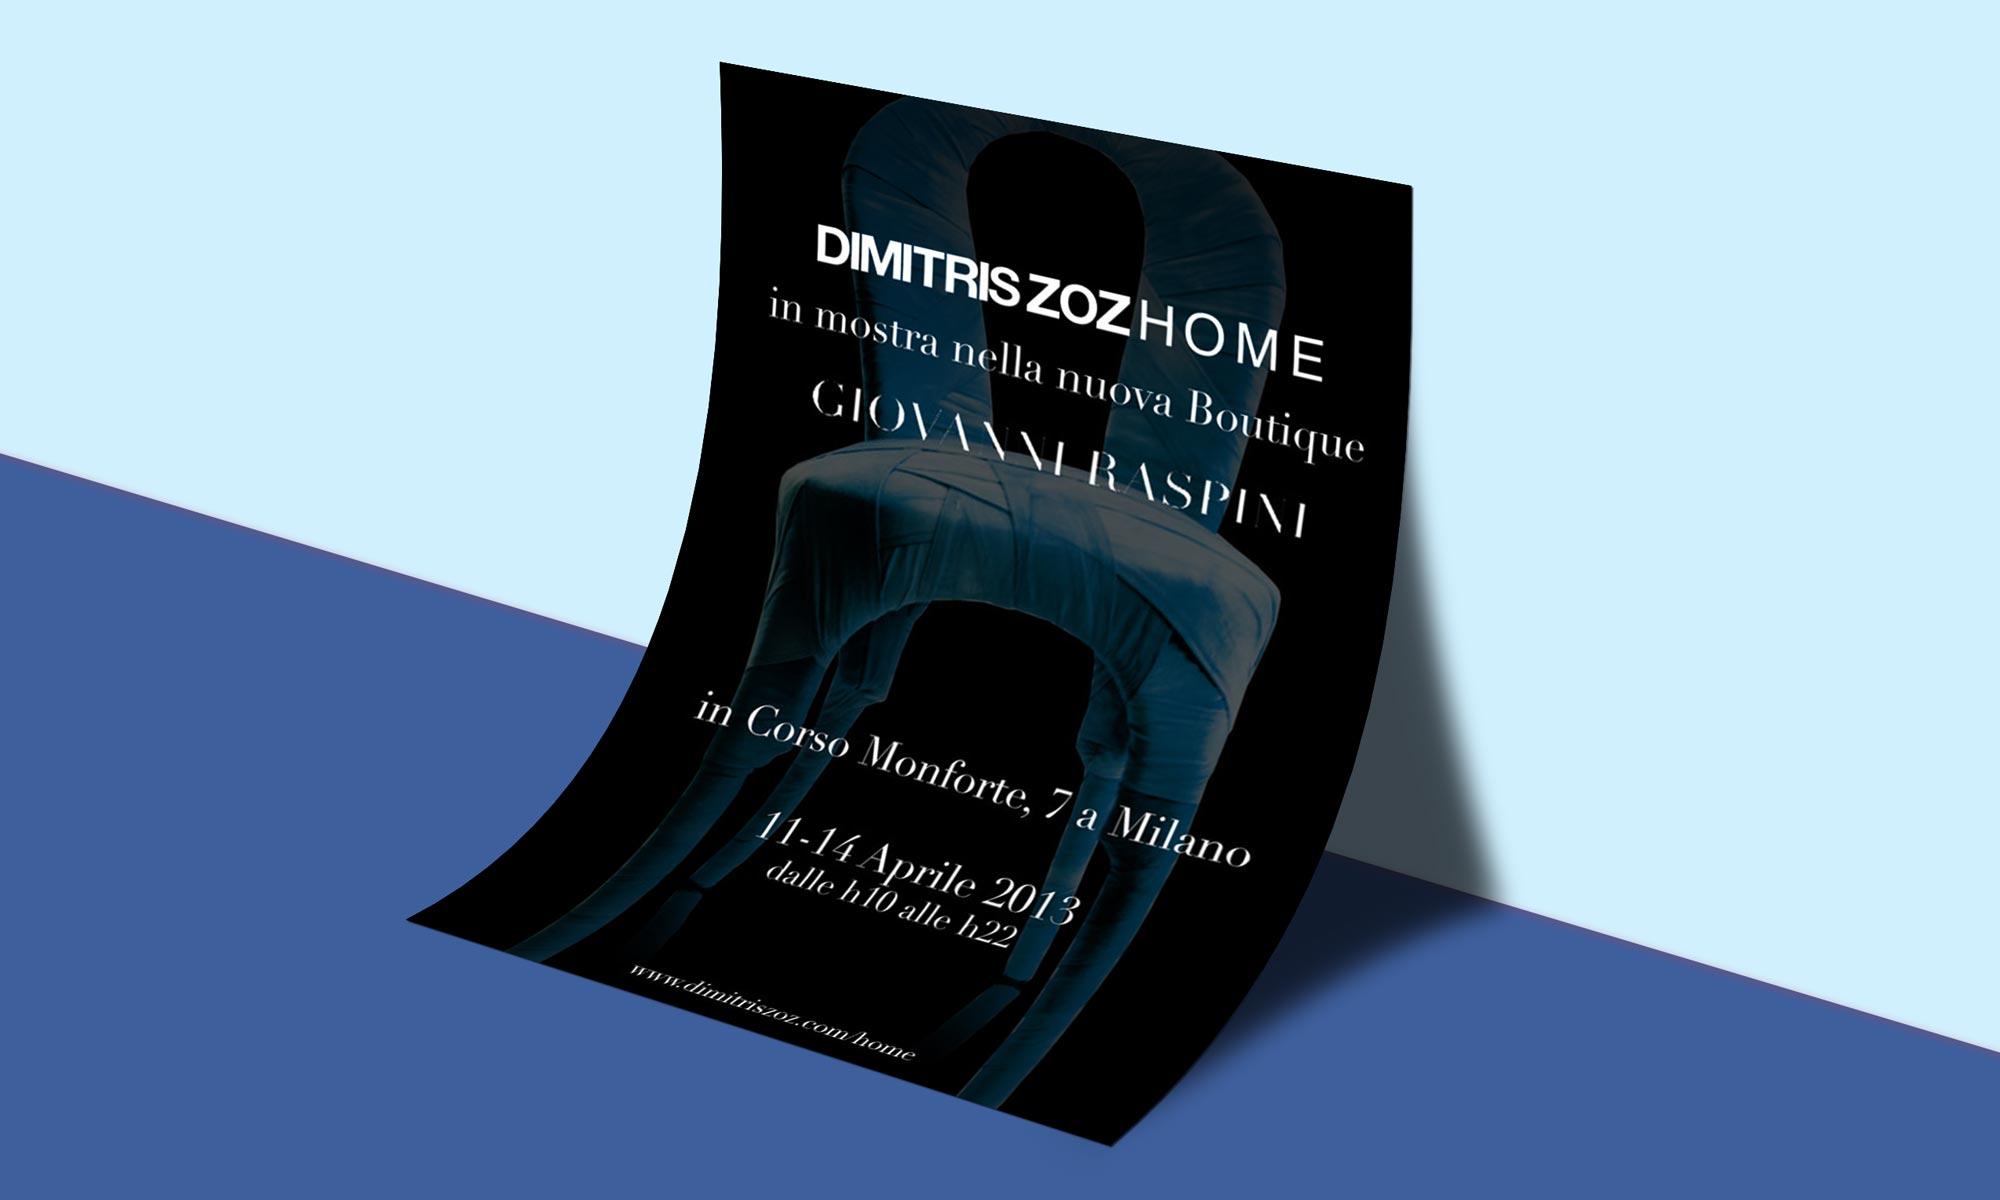 https://www.atelierzoz.com/wp-content/uploads/2020/03/works_dimitris-zoz-home-3.jpg